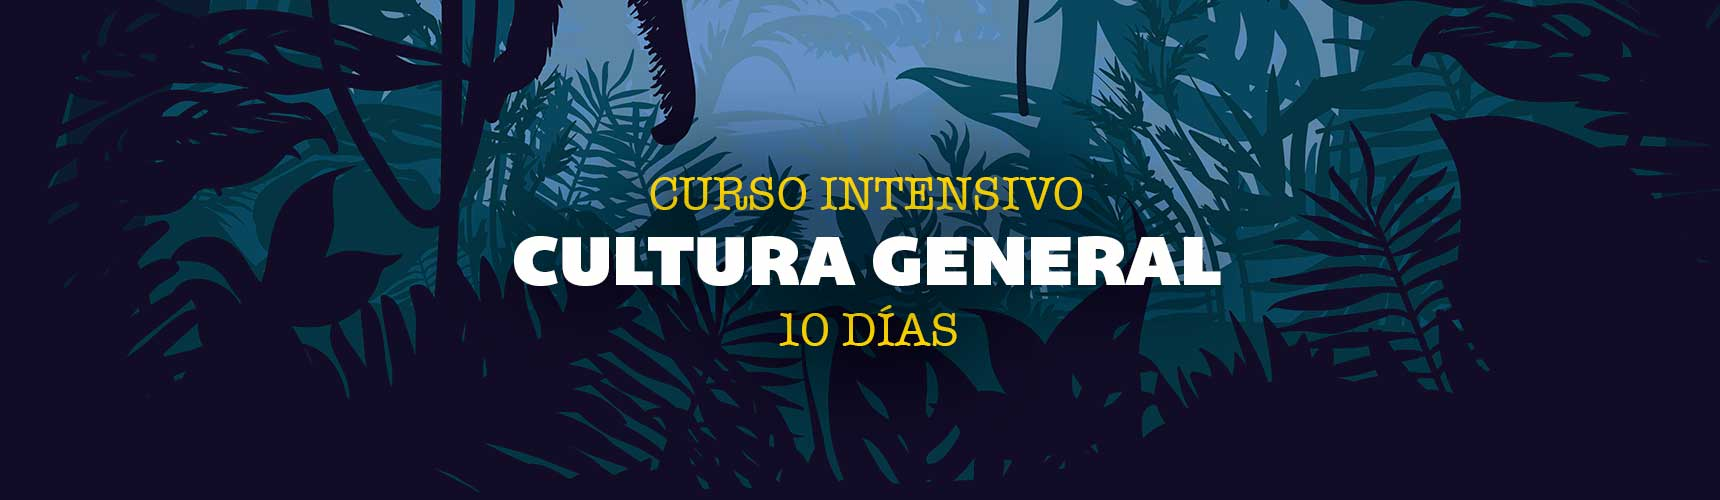 10dias_CULT_Pupitre_cursos_portada-web_nuevas-fotos_1720x910